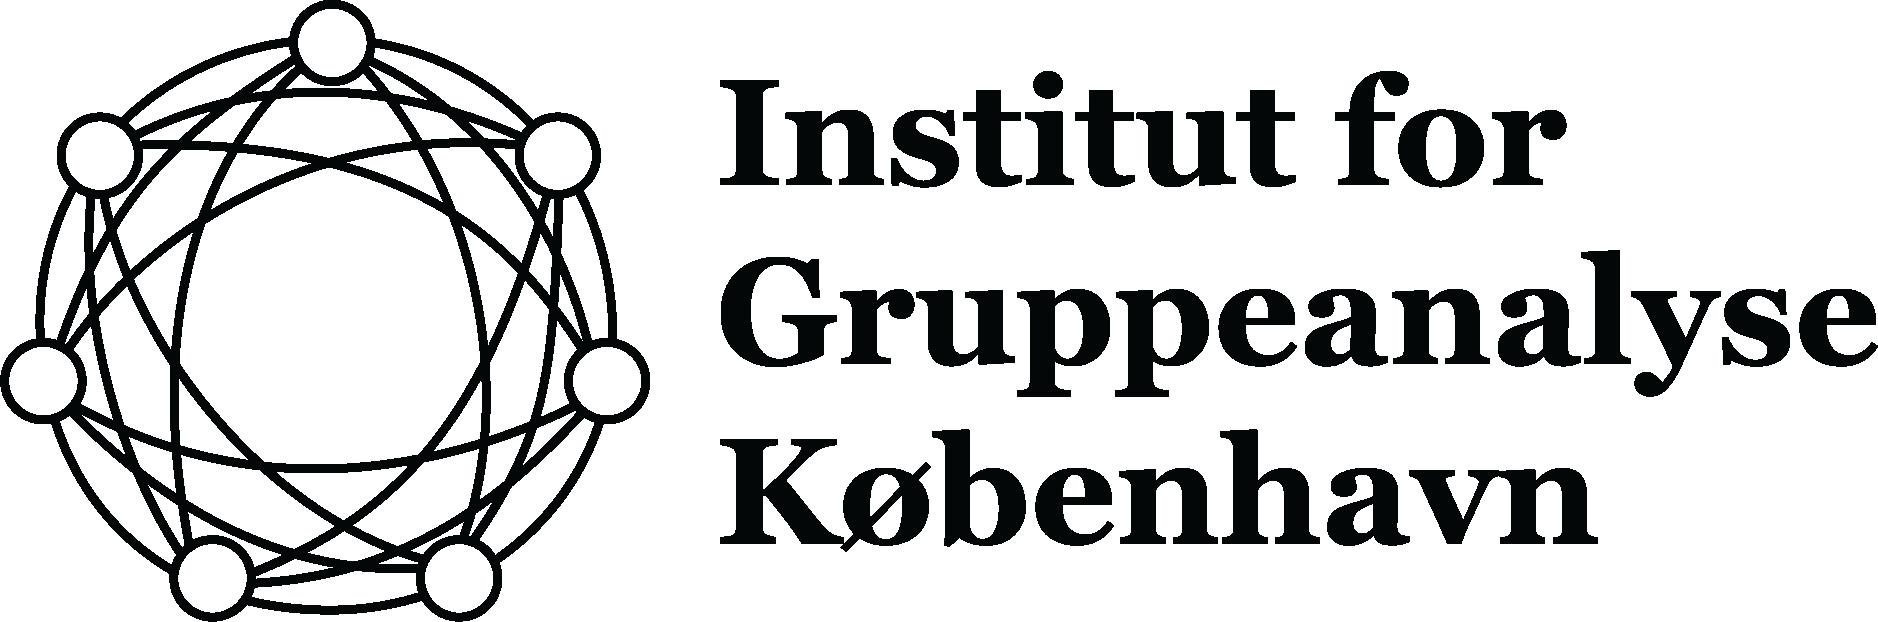 Institut for Gruppeanalyse København